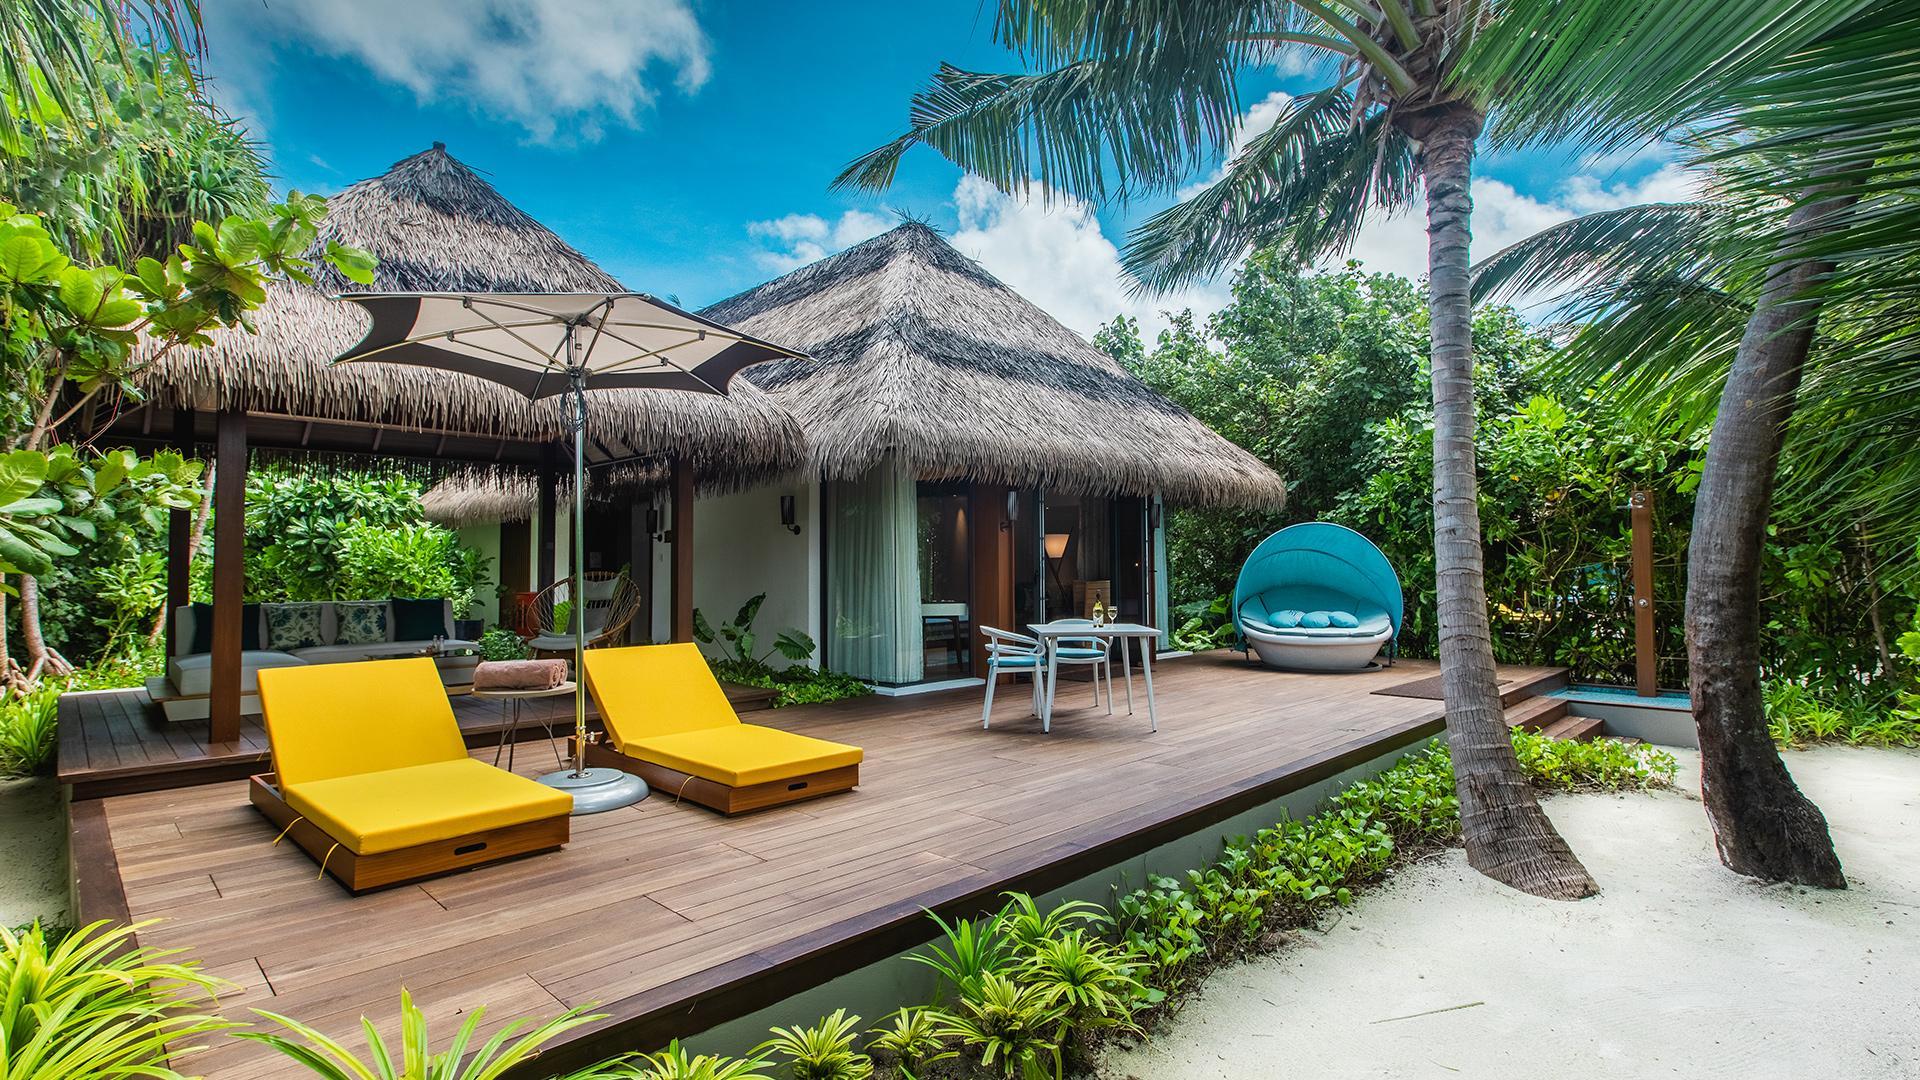 Beach Villa image 1 at Pullman Maldives Maamutaa Resort by null, Upper South Province, Maldives